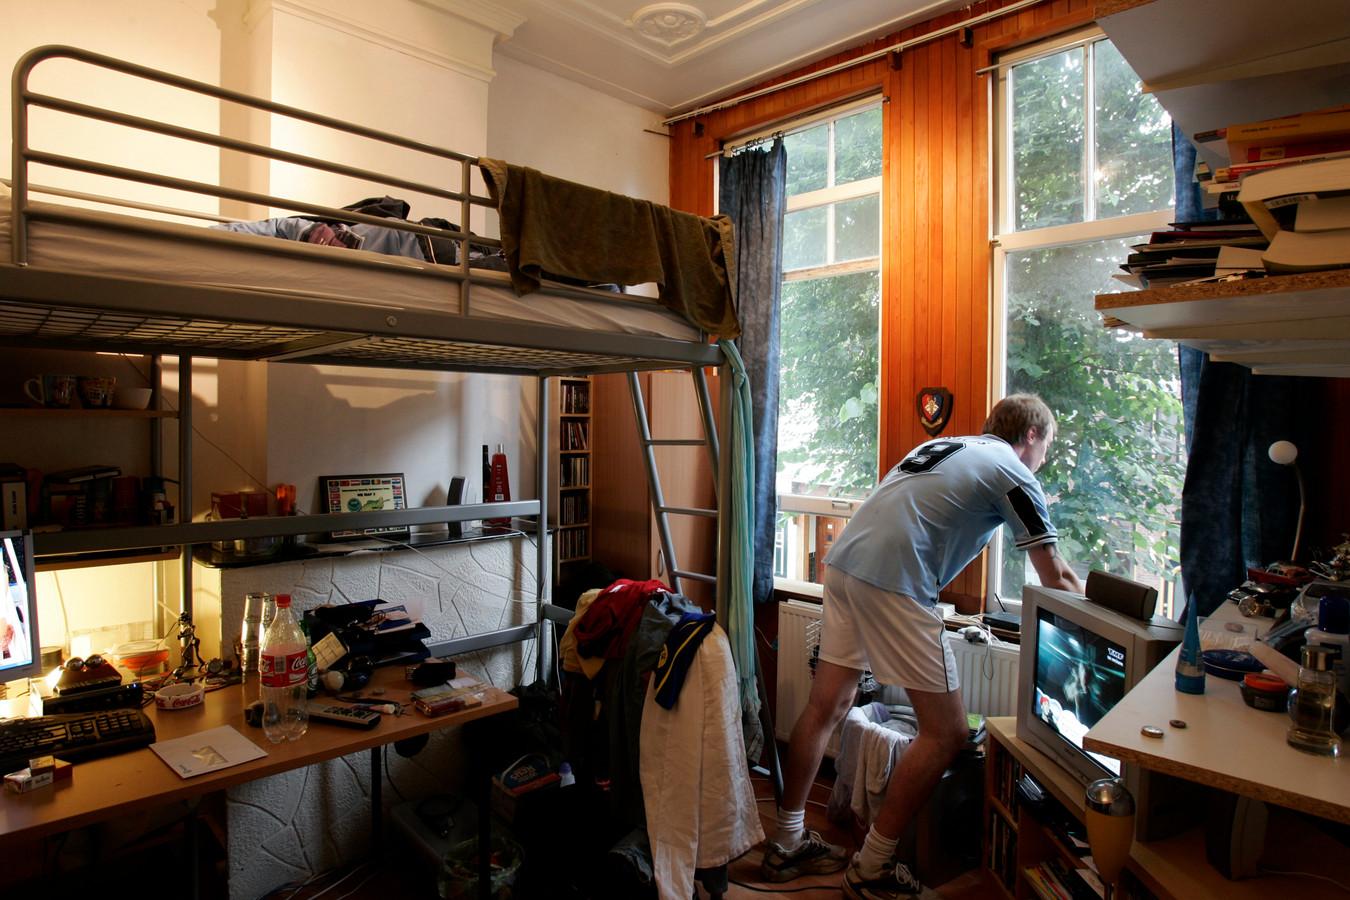 Kleine kamers, torenhoge prijzen, slecht onderhoud. Daarom wilde de gemeente Utrecht huisbaas Betty Chang de stad uit hebben. Het is de vraag of het nu beter gaat.